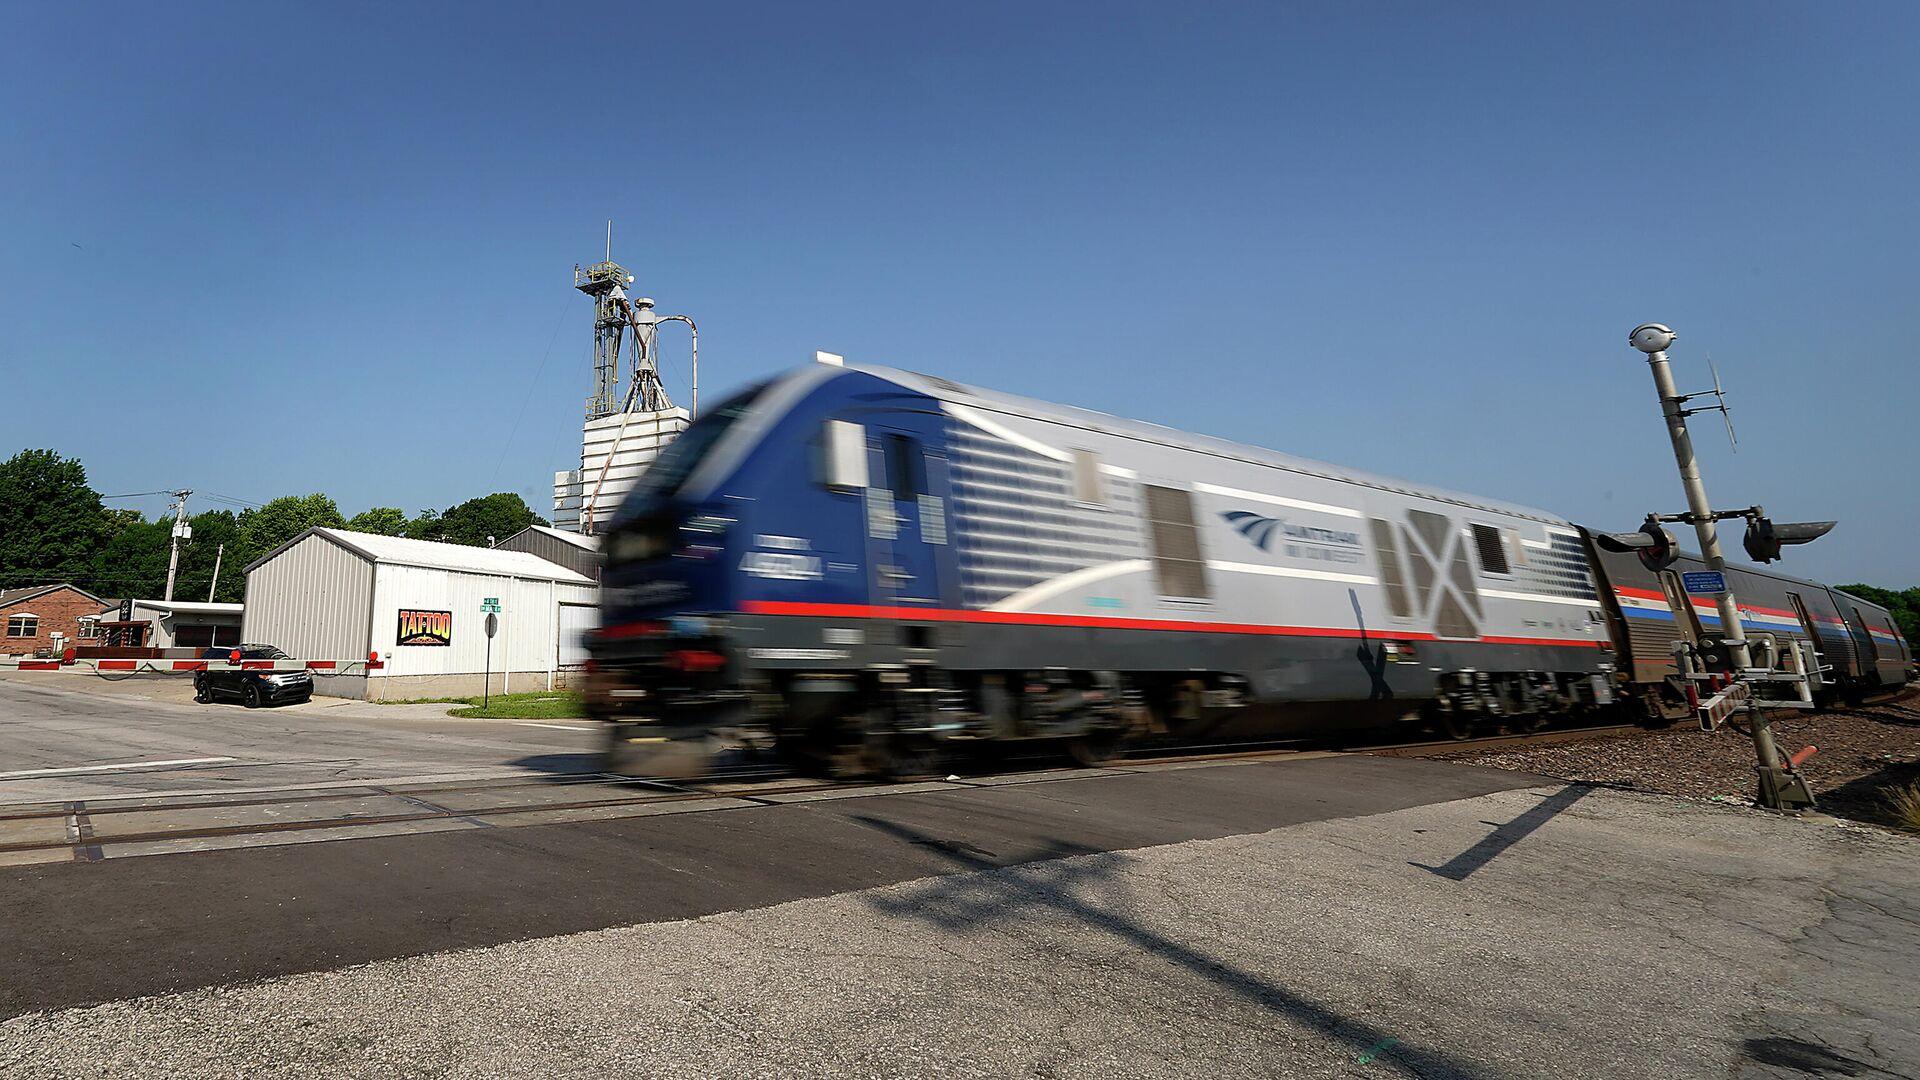 Пассажирский поезд сошел с рельсов в США, пострадали более 50 человек - Sputnik Беларусь, 1920, 26.09.2021